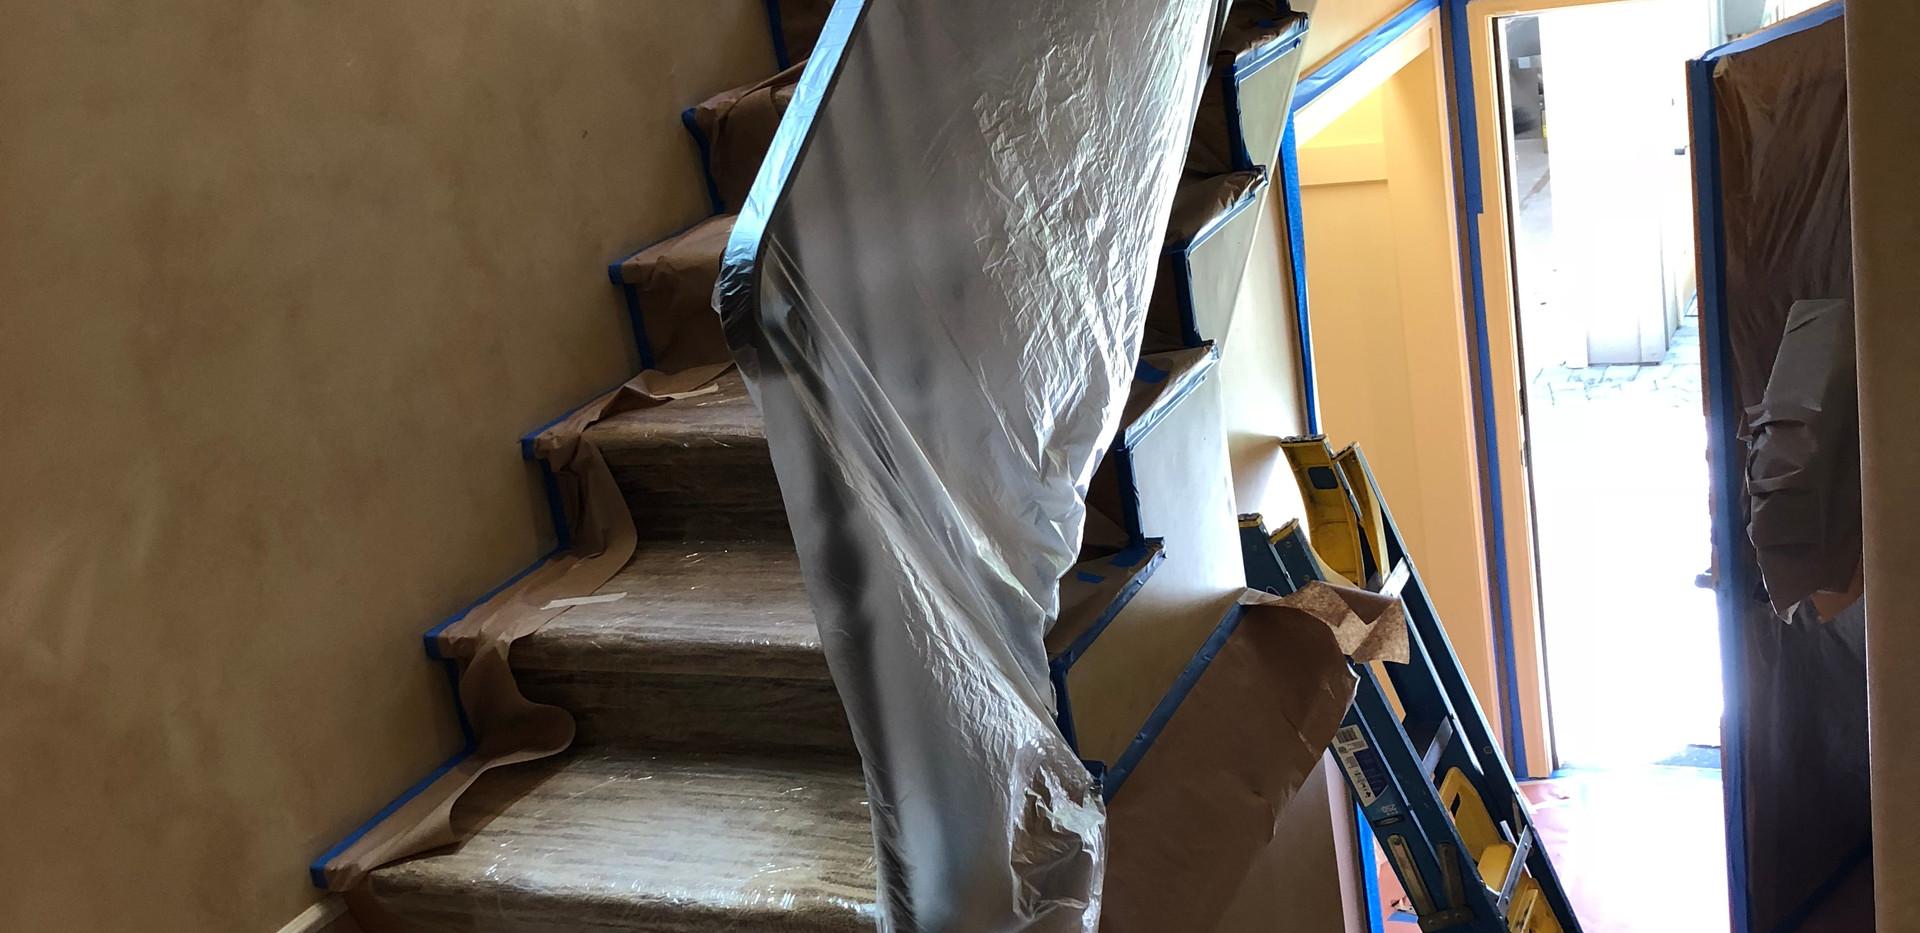 stairway prepped.jpeg